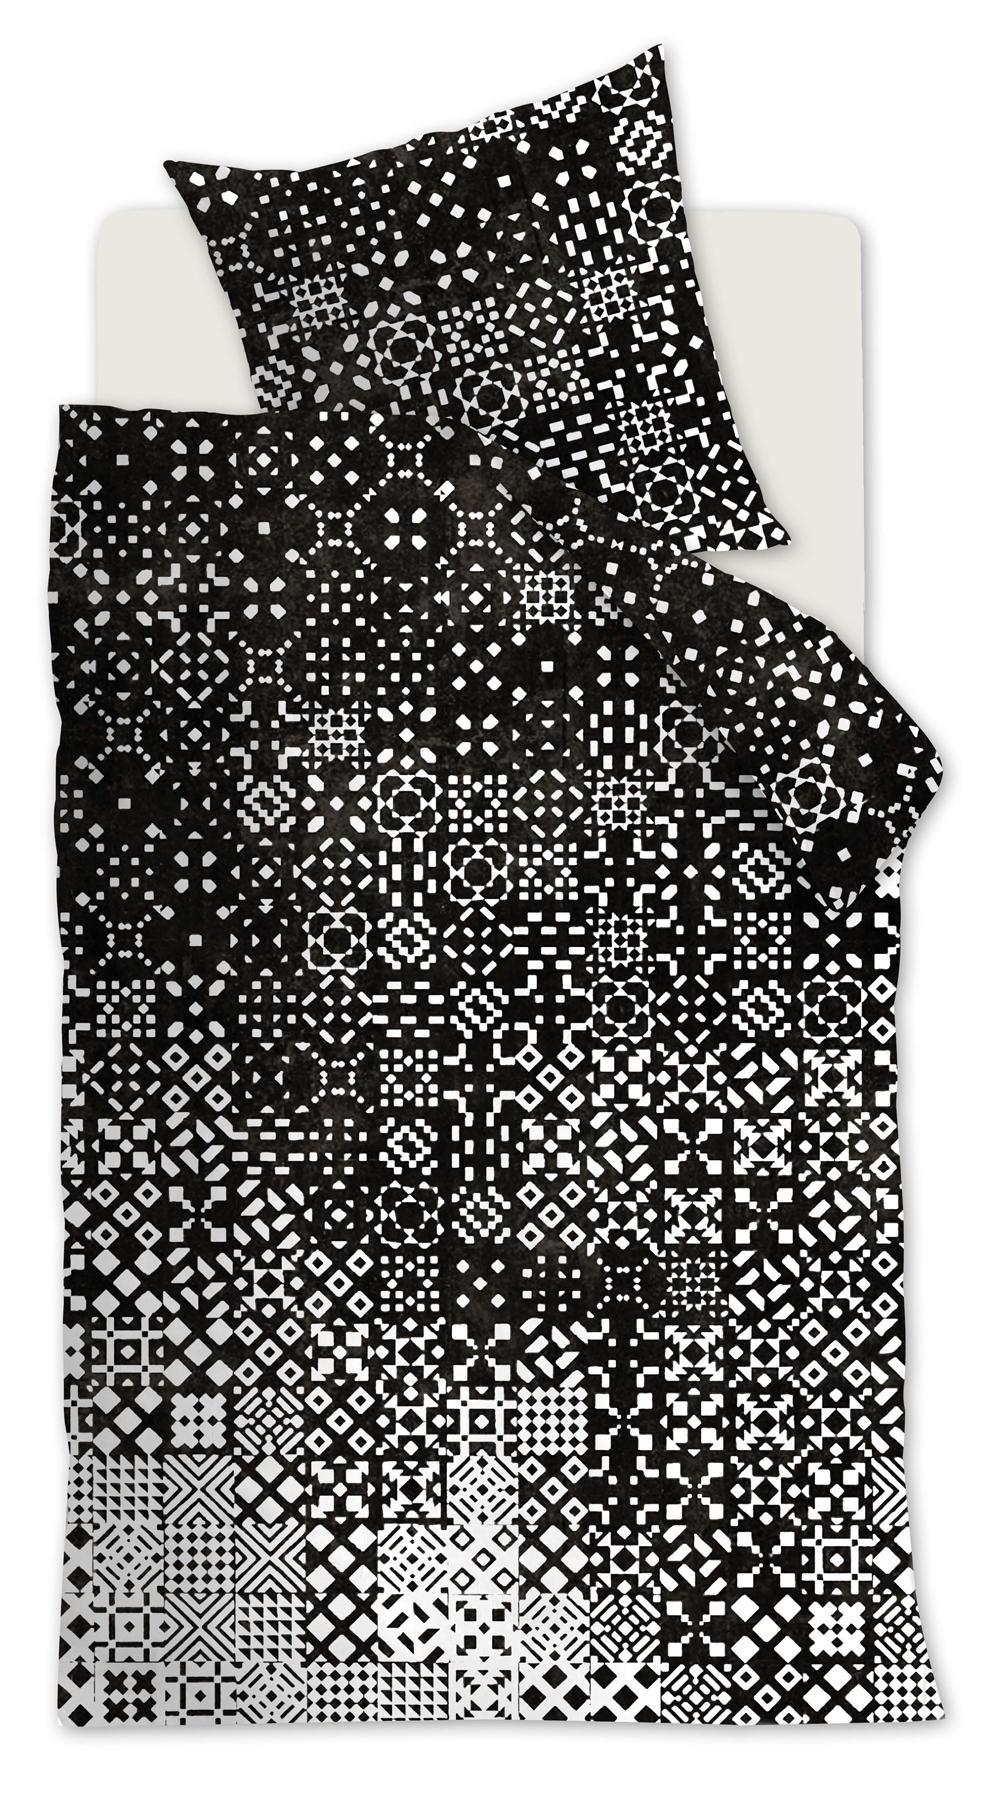 Baumwoll Bettwäsche 155x220 Schwarzweiß Beddinghouse 100